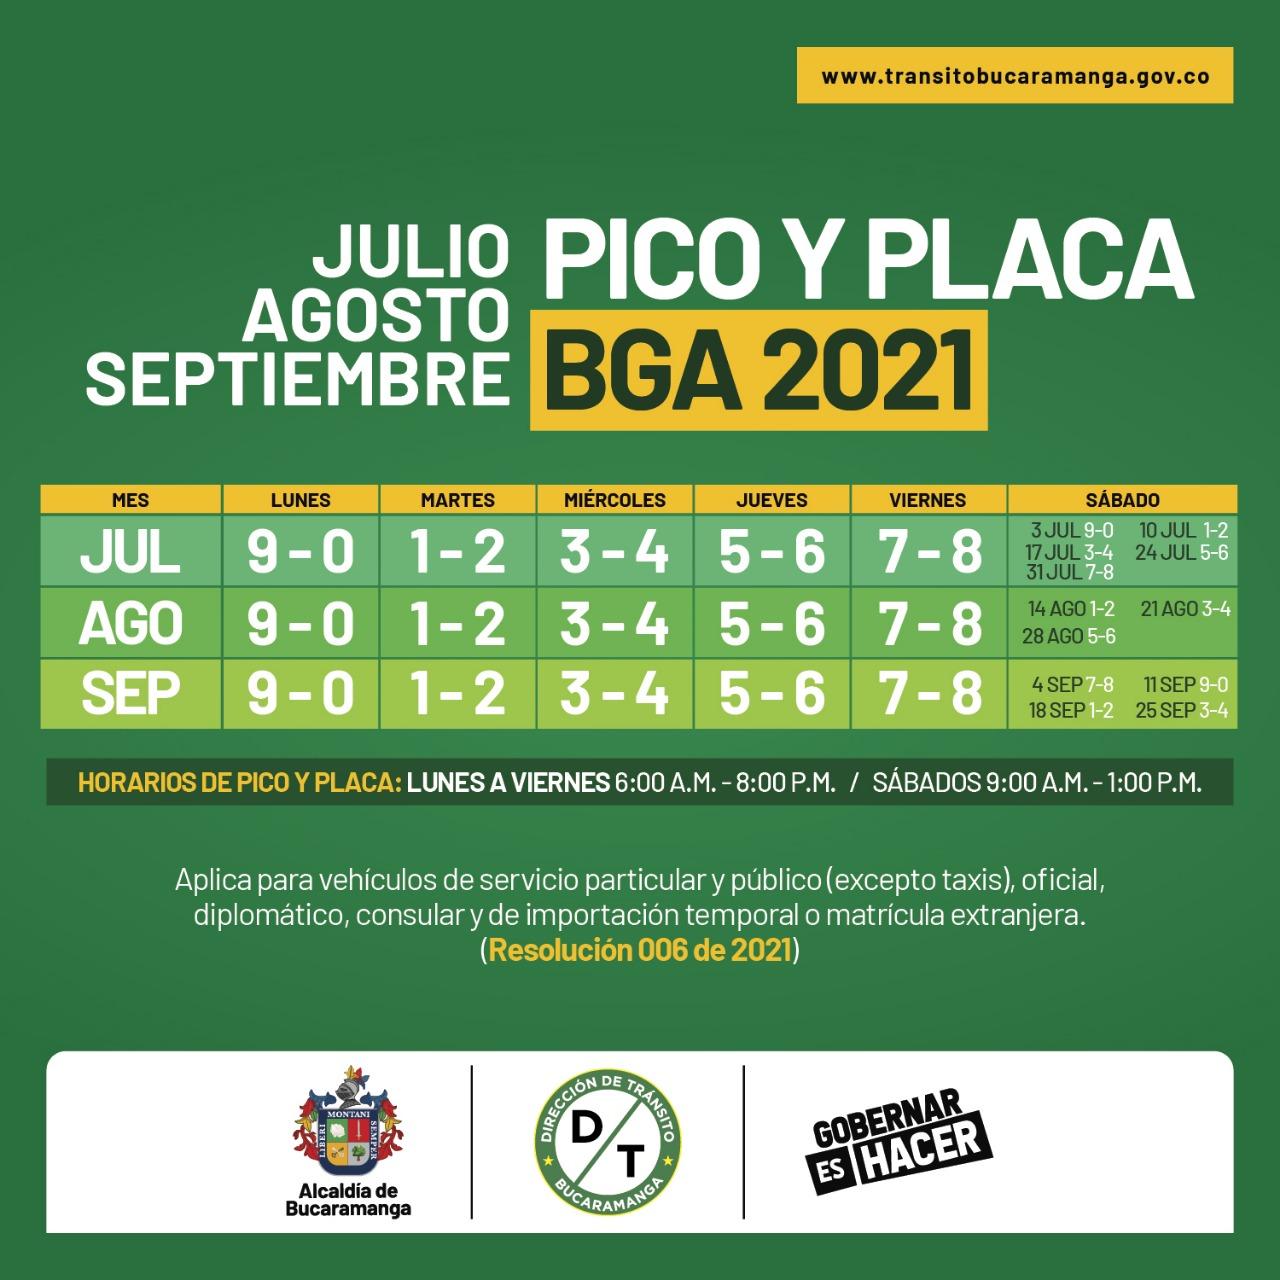 Así rotará en pico y placa en Bucaramanga a partir del 1 de julio